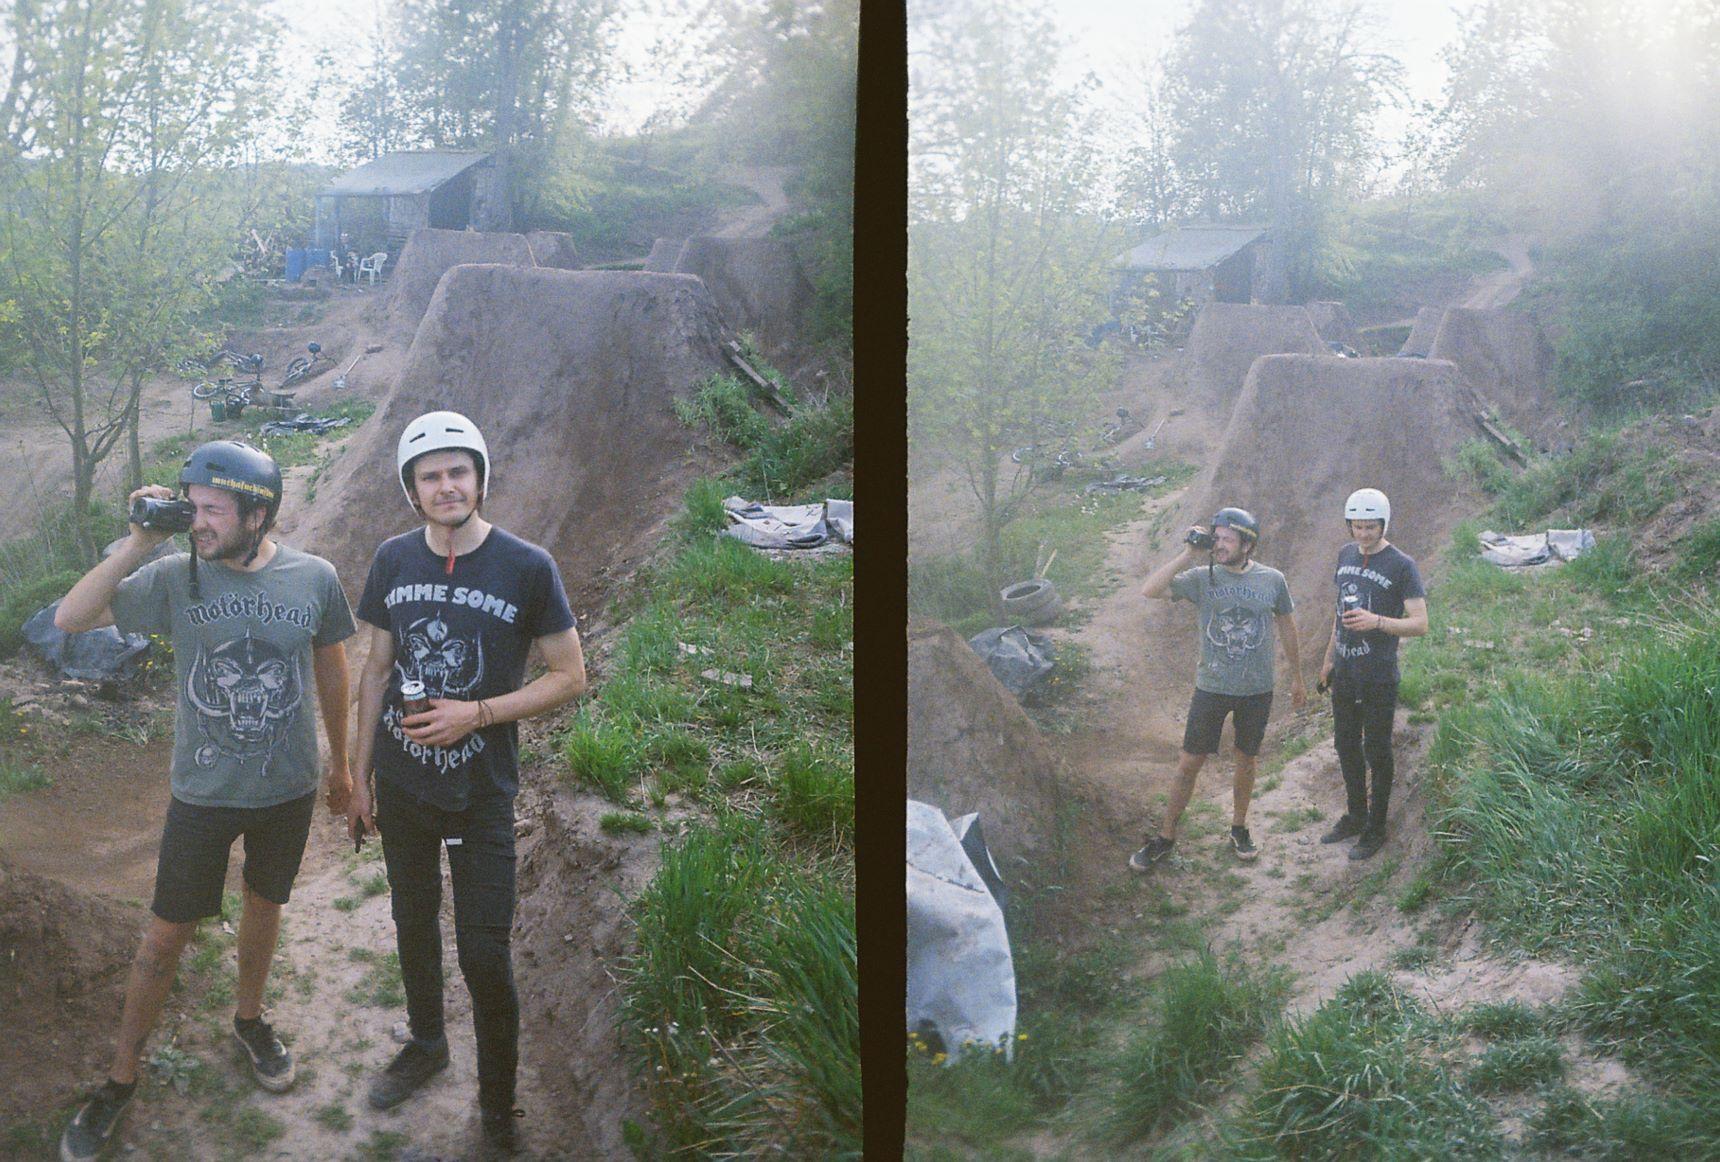 059_v Rockli se dycky nosili Motörhead trika a kolektingovala fůtydž